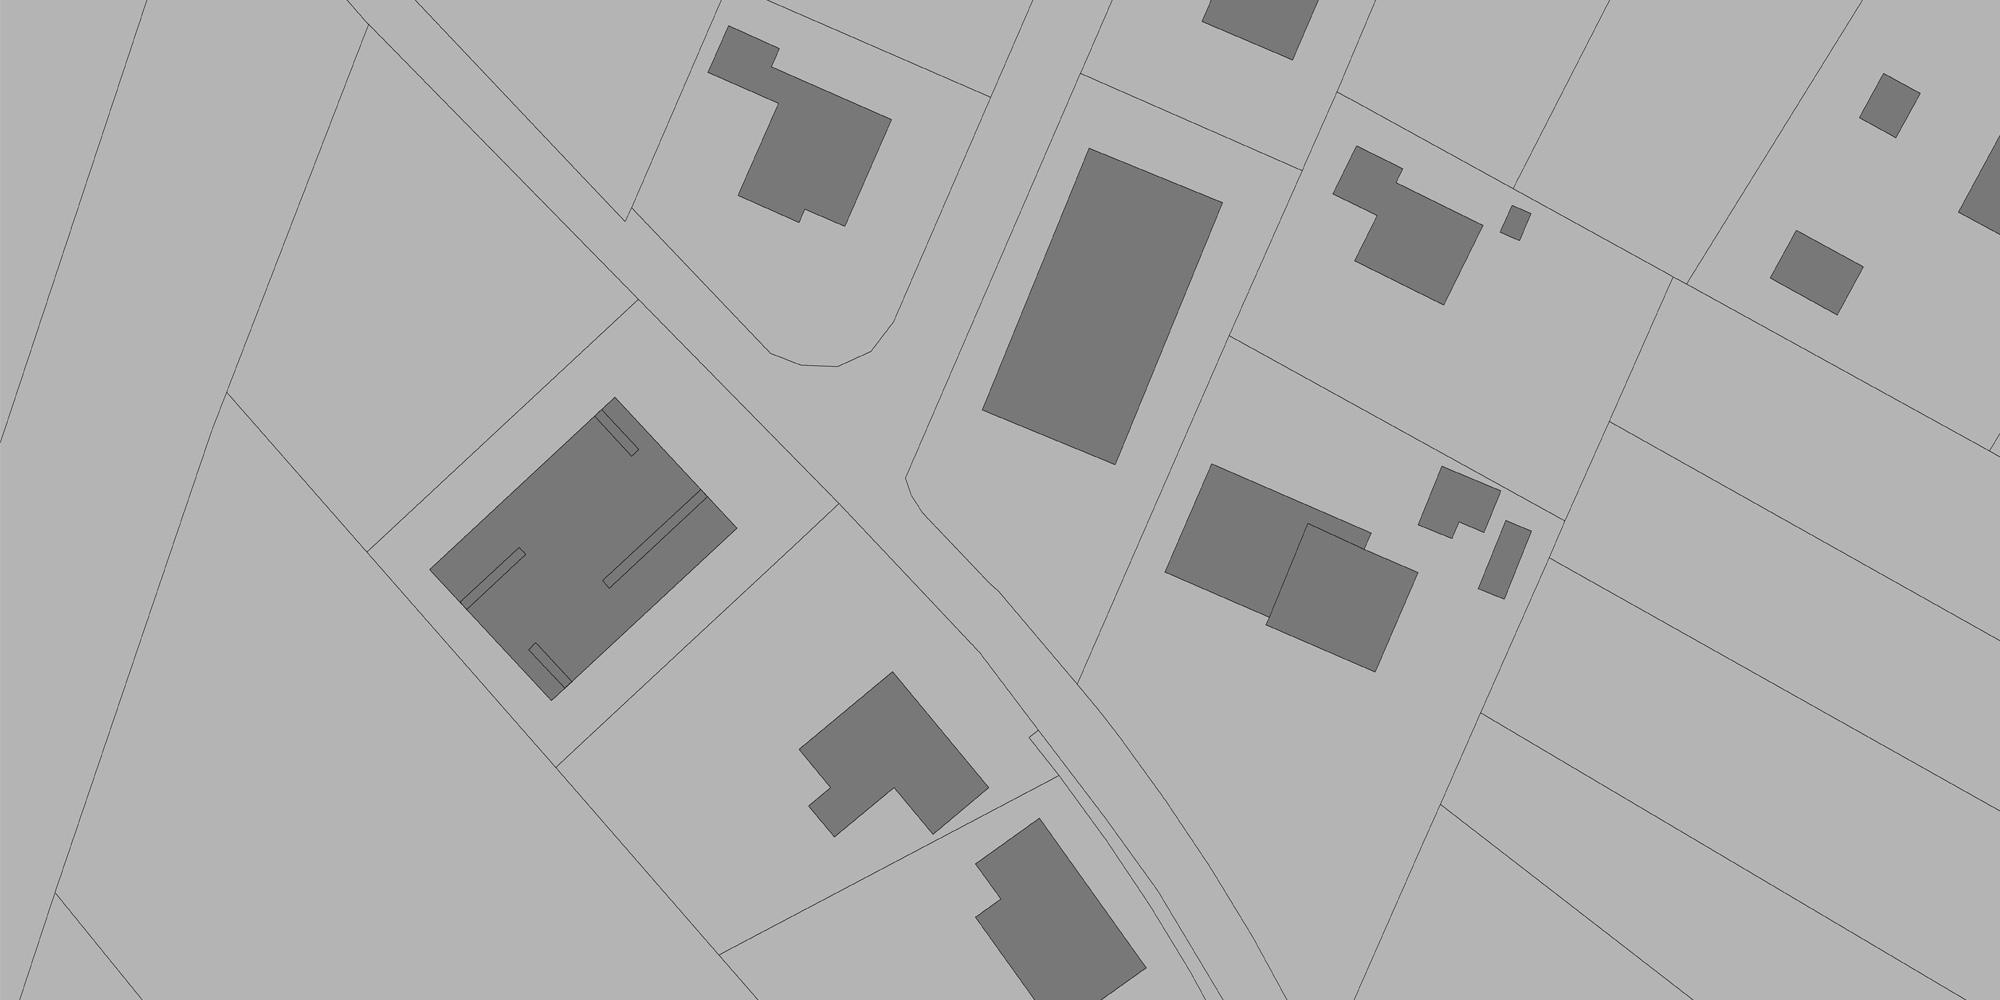 Planimetria © Marte.Marte Architekten